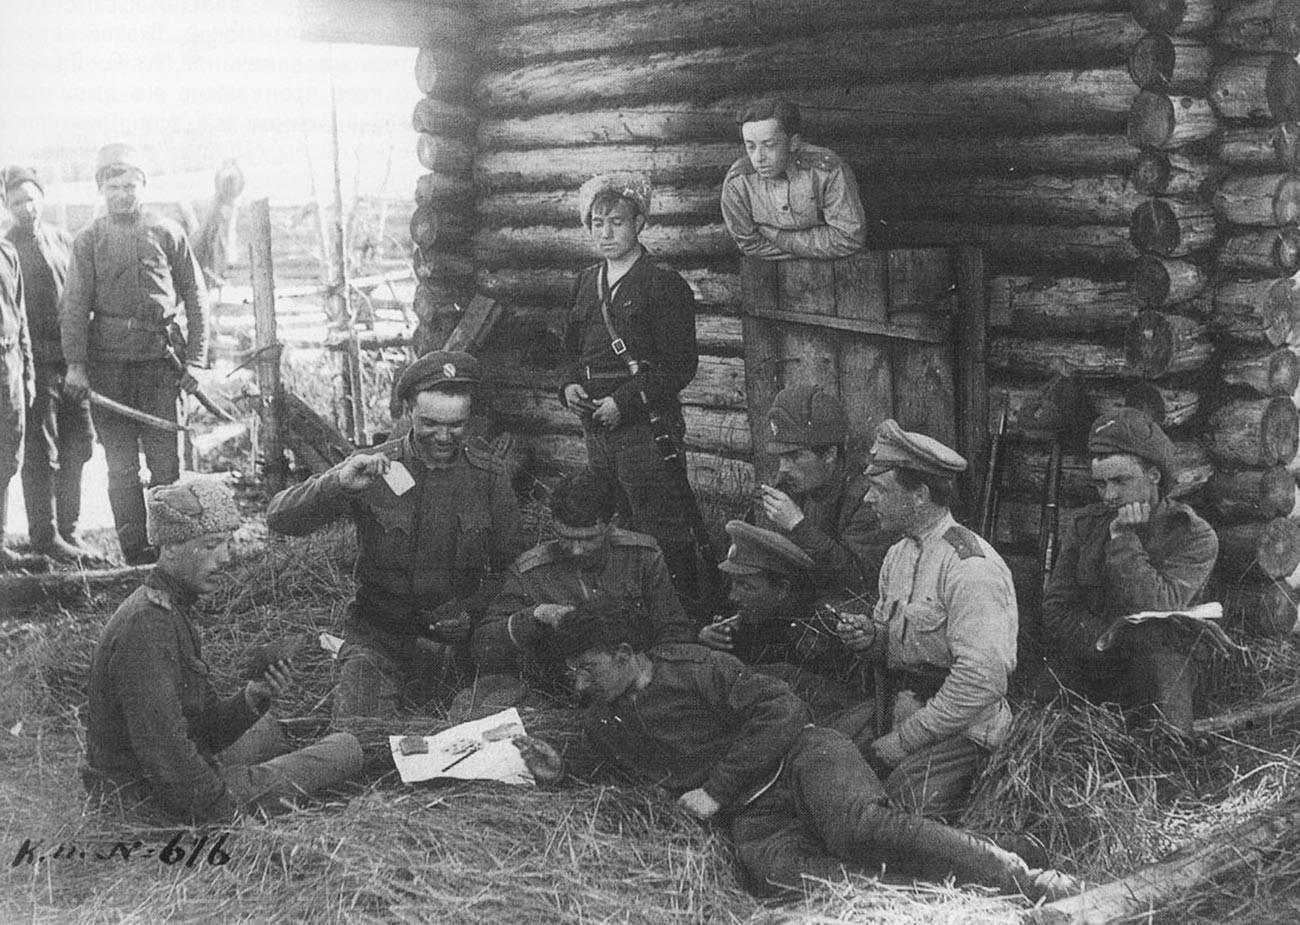 Подразделение белой армии Колчака.